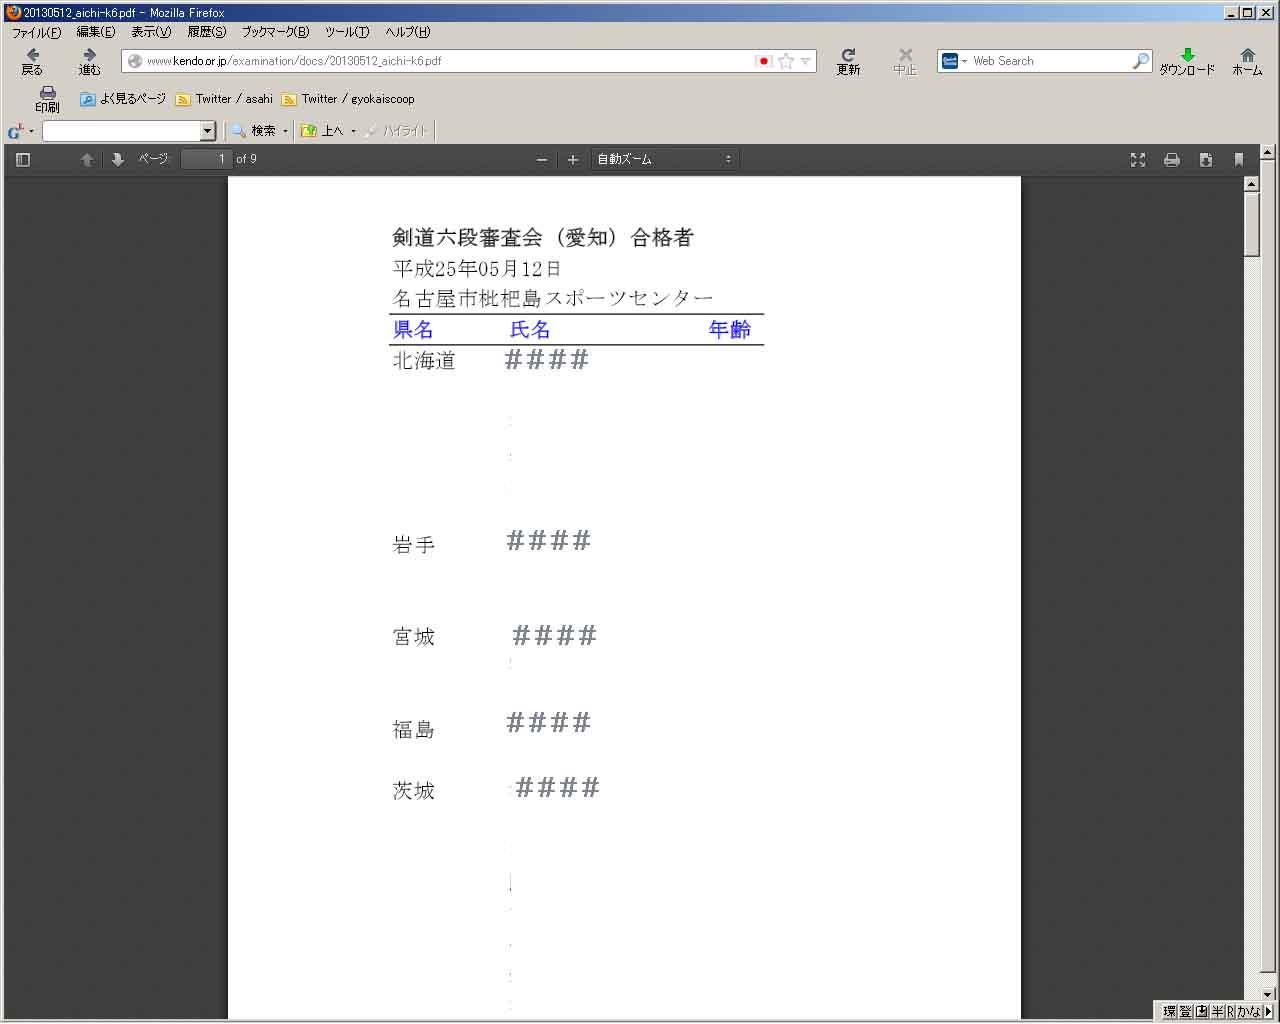 剣道6段合格者公開用